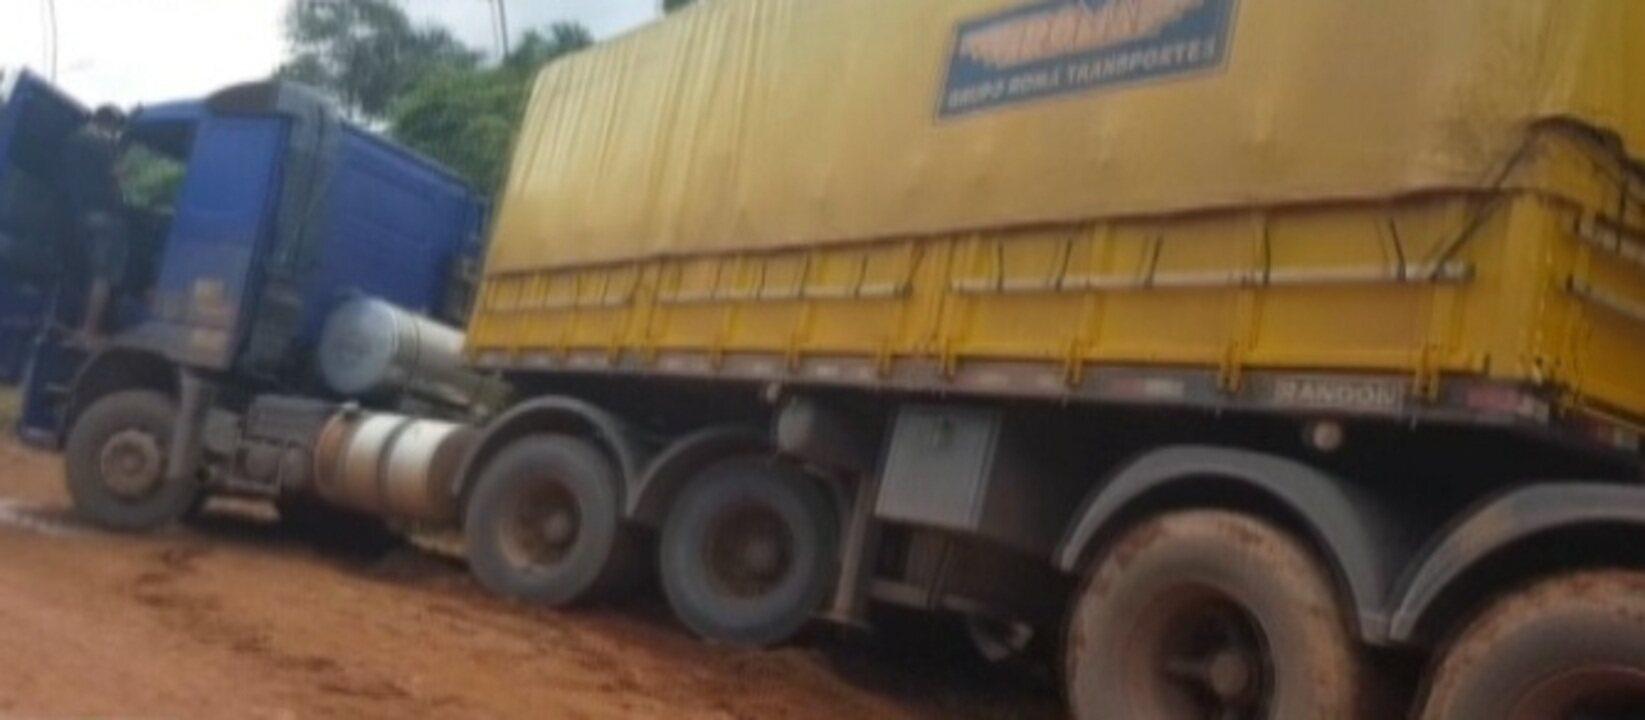 Imagens mostram caminhoneiros e passageiros enfrentando atoleiros na BR-163 no Pará